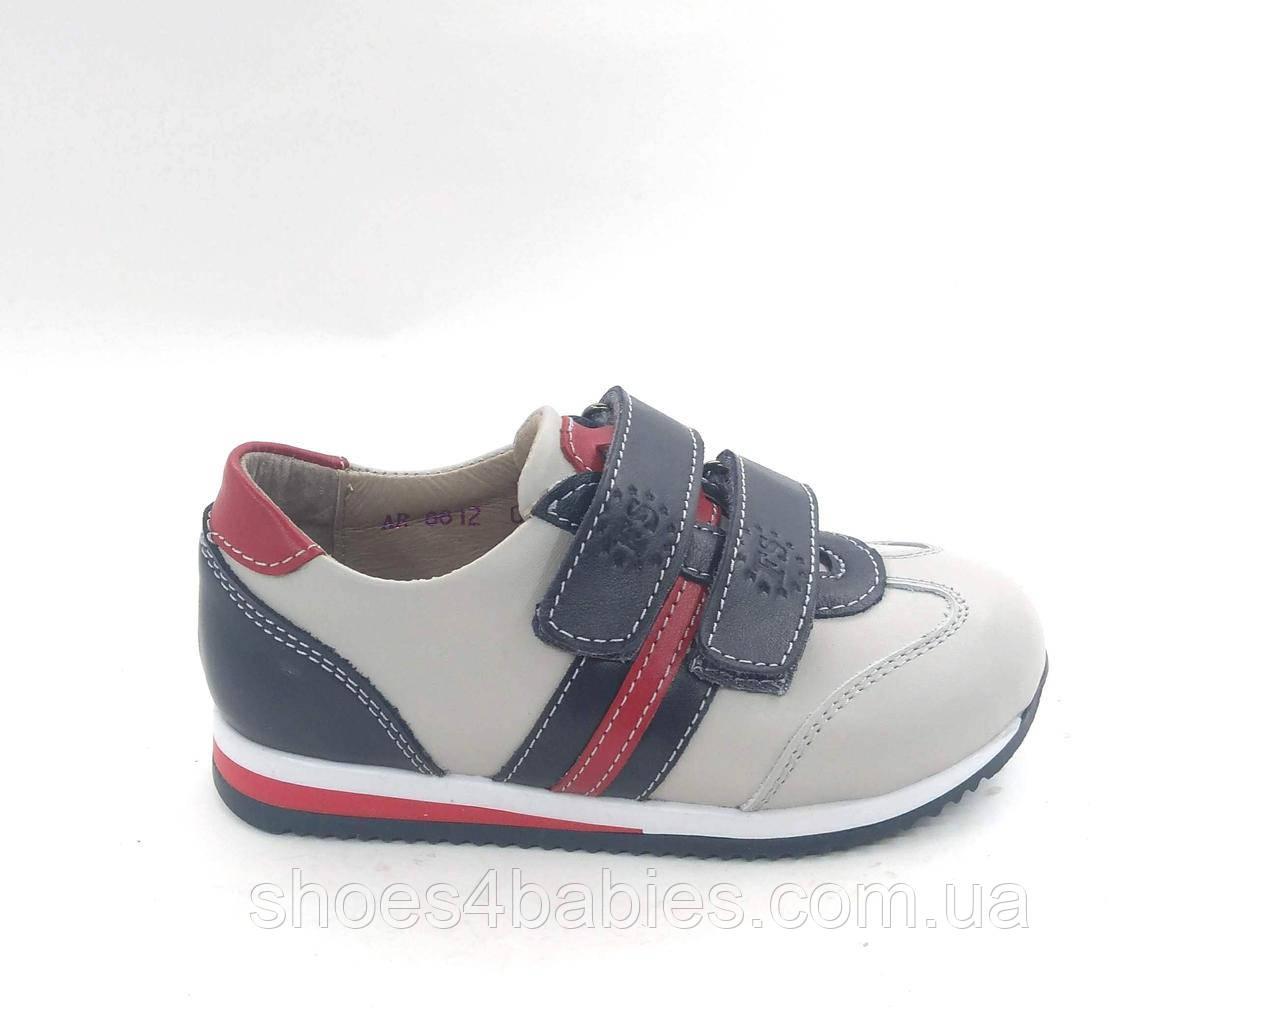 Кожаные ортопедические кроссовки, спортивные туфли, р 25 - 16,5см